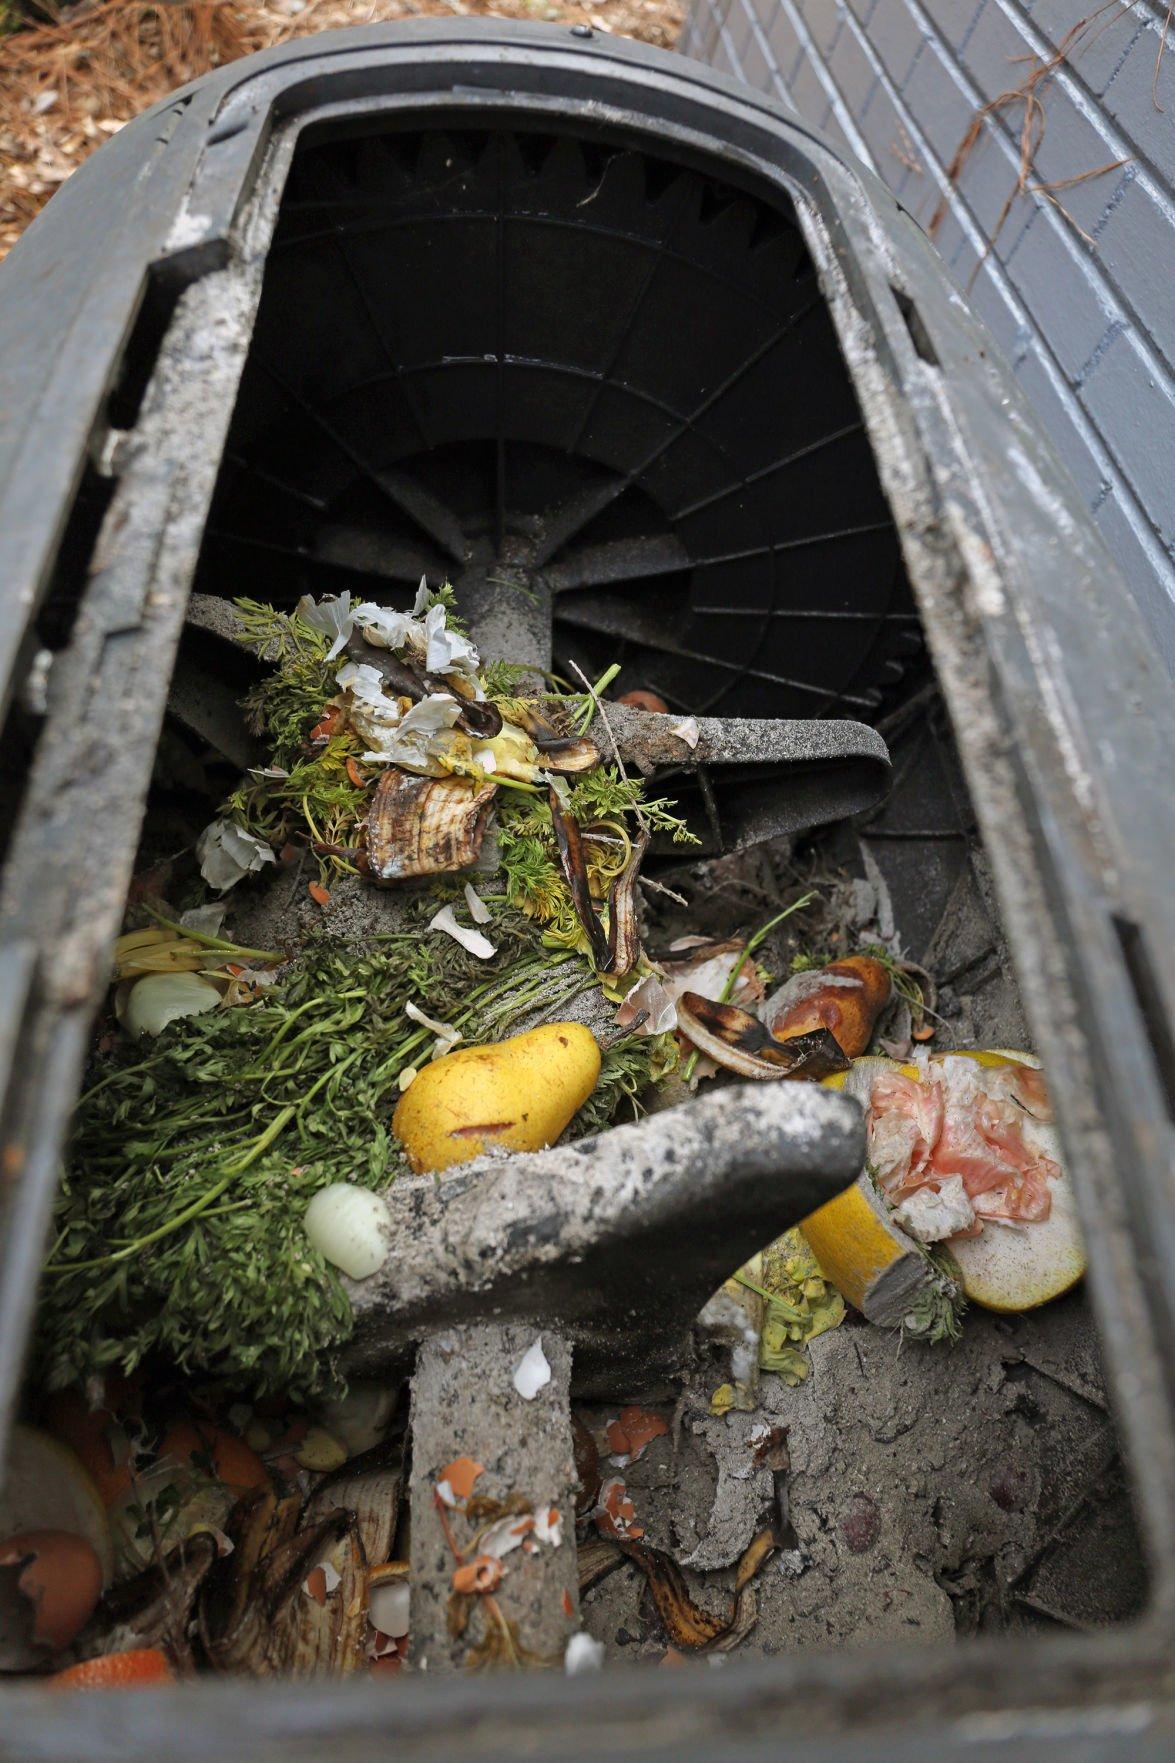 ECU graduate hoping to make composting easier in Greenville 6